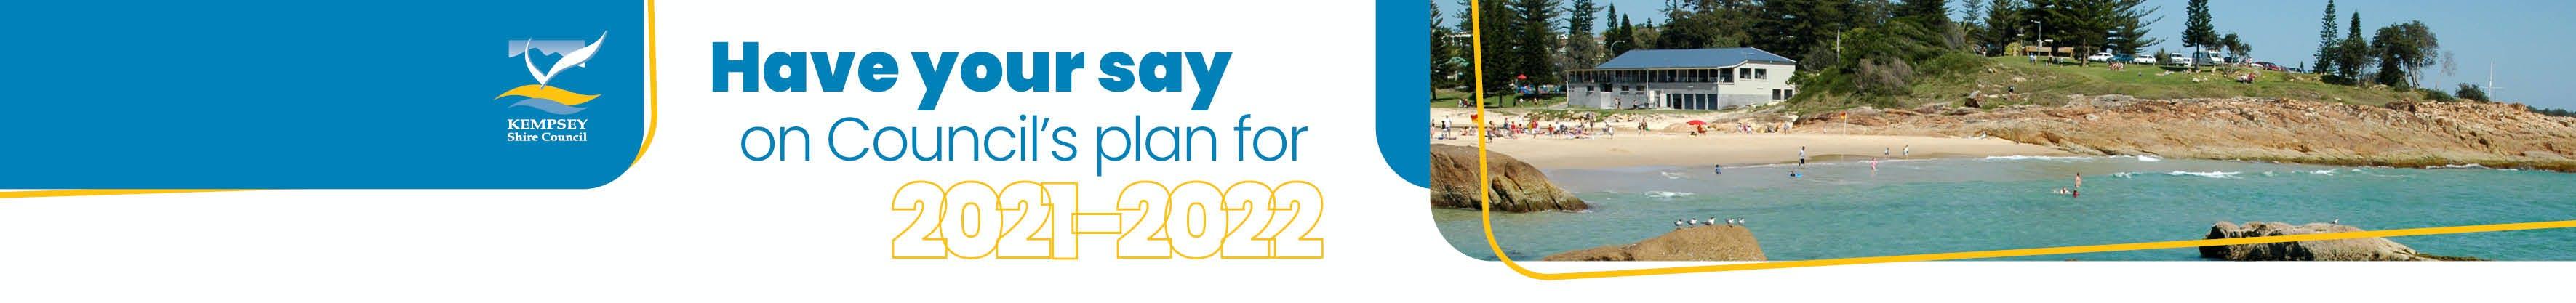 Council's 2021-2022 Plans